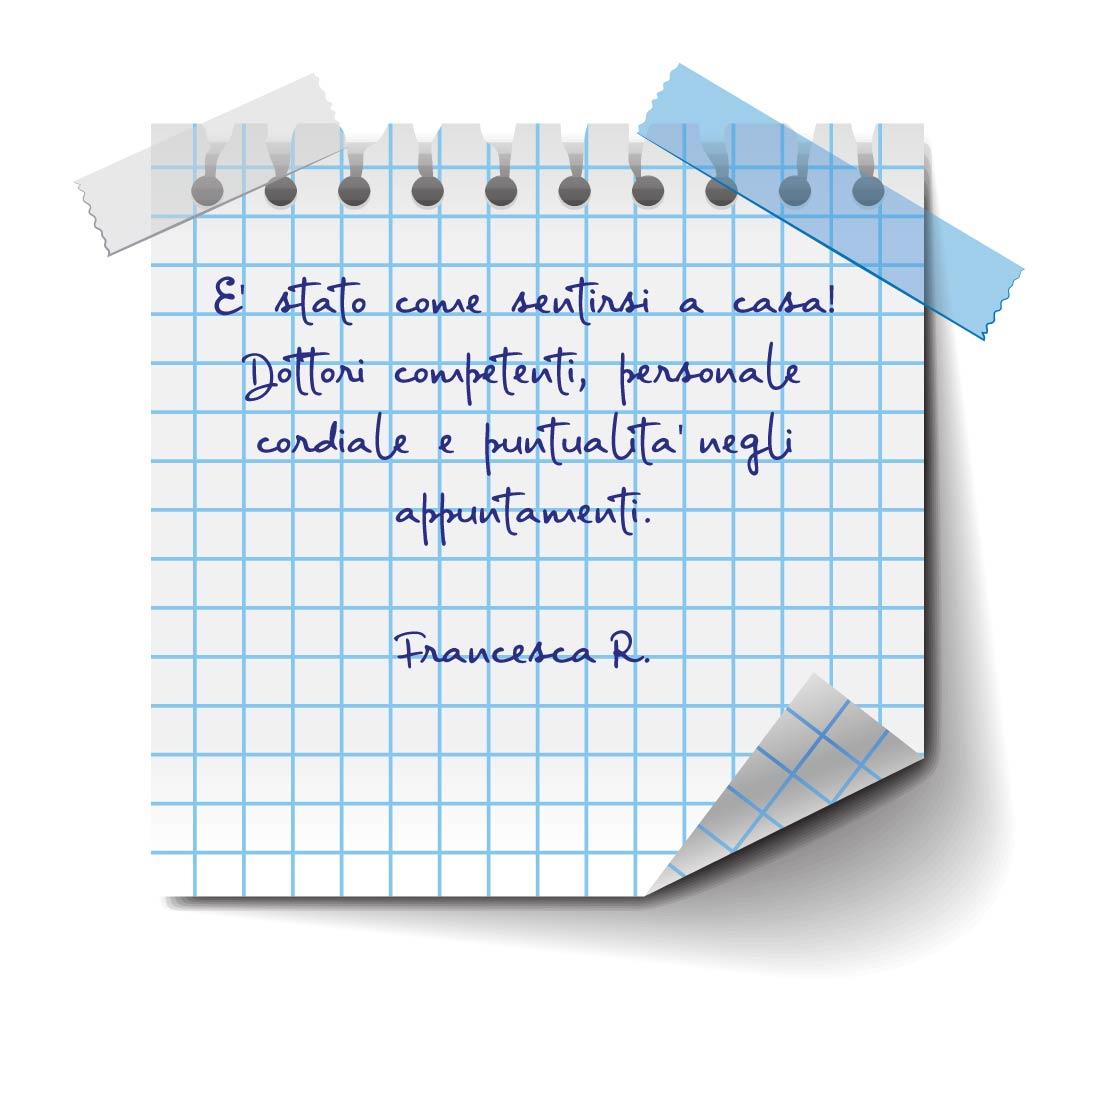 recensioni_03-Ferrara Medica - poliambulatorio specialistico privato a Ferrara (FE)recensioni_05-Ferrara Medica - poliambulatorio specialistico privato a Ferrara (FE)